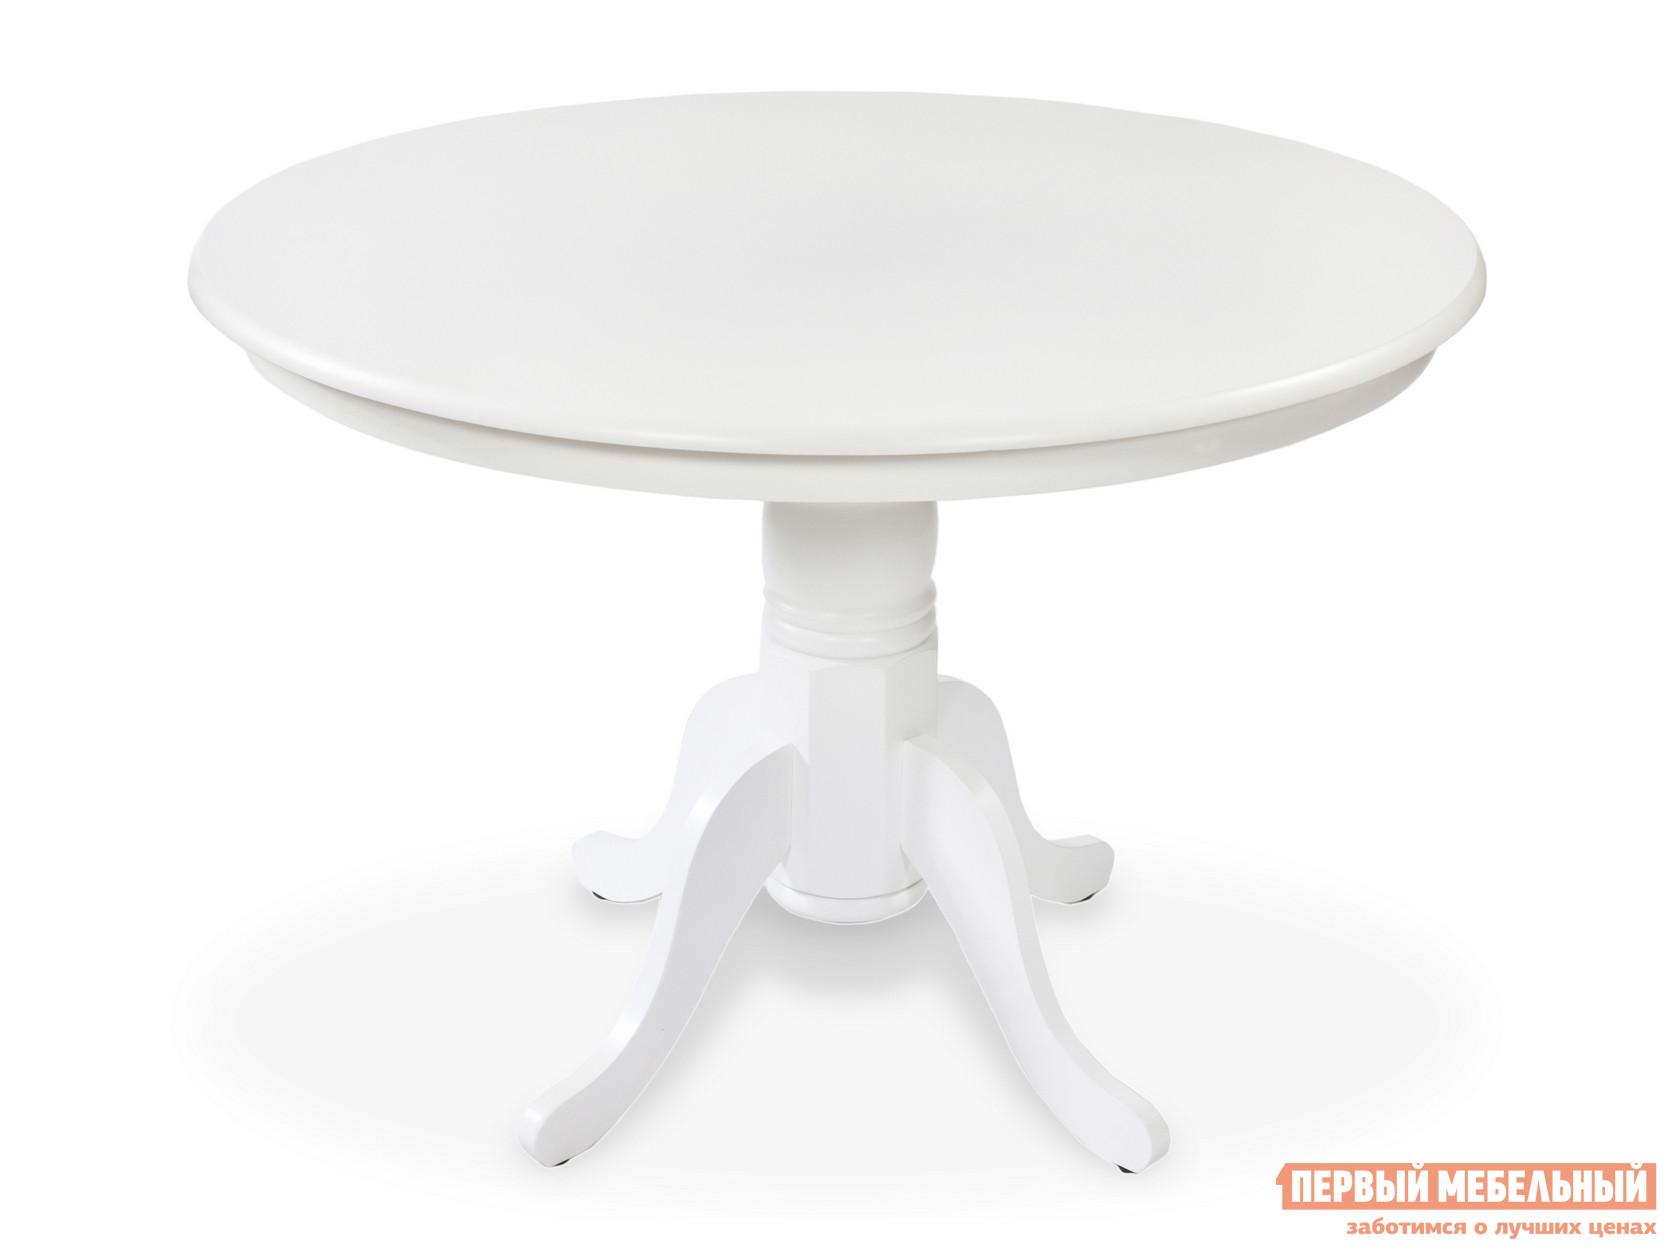 Обеденный стол Mr. Kim Стол ES2191 white WHITE